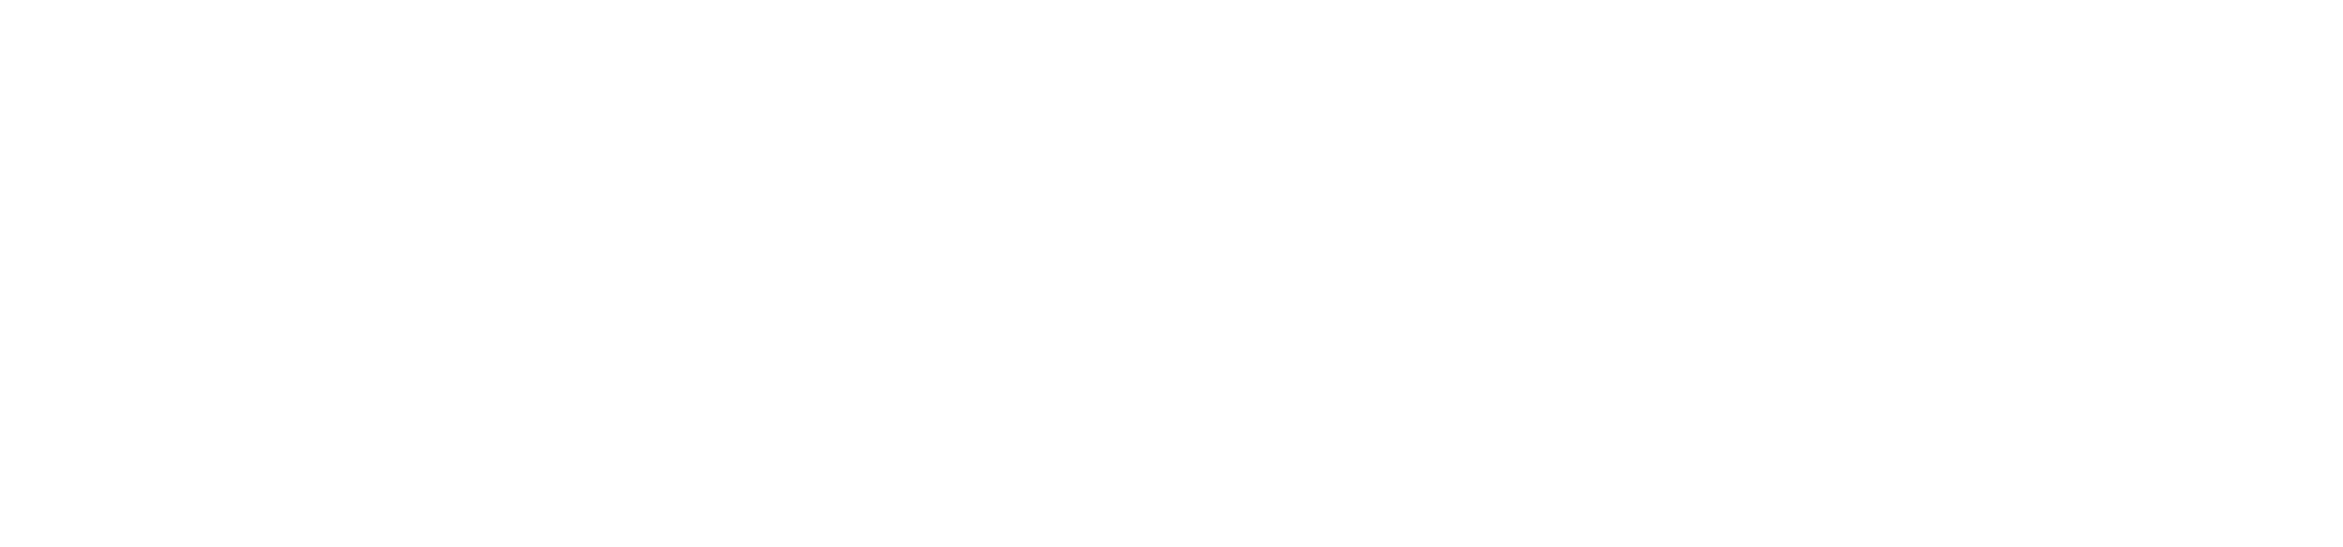 $oksuuo8j17